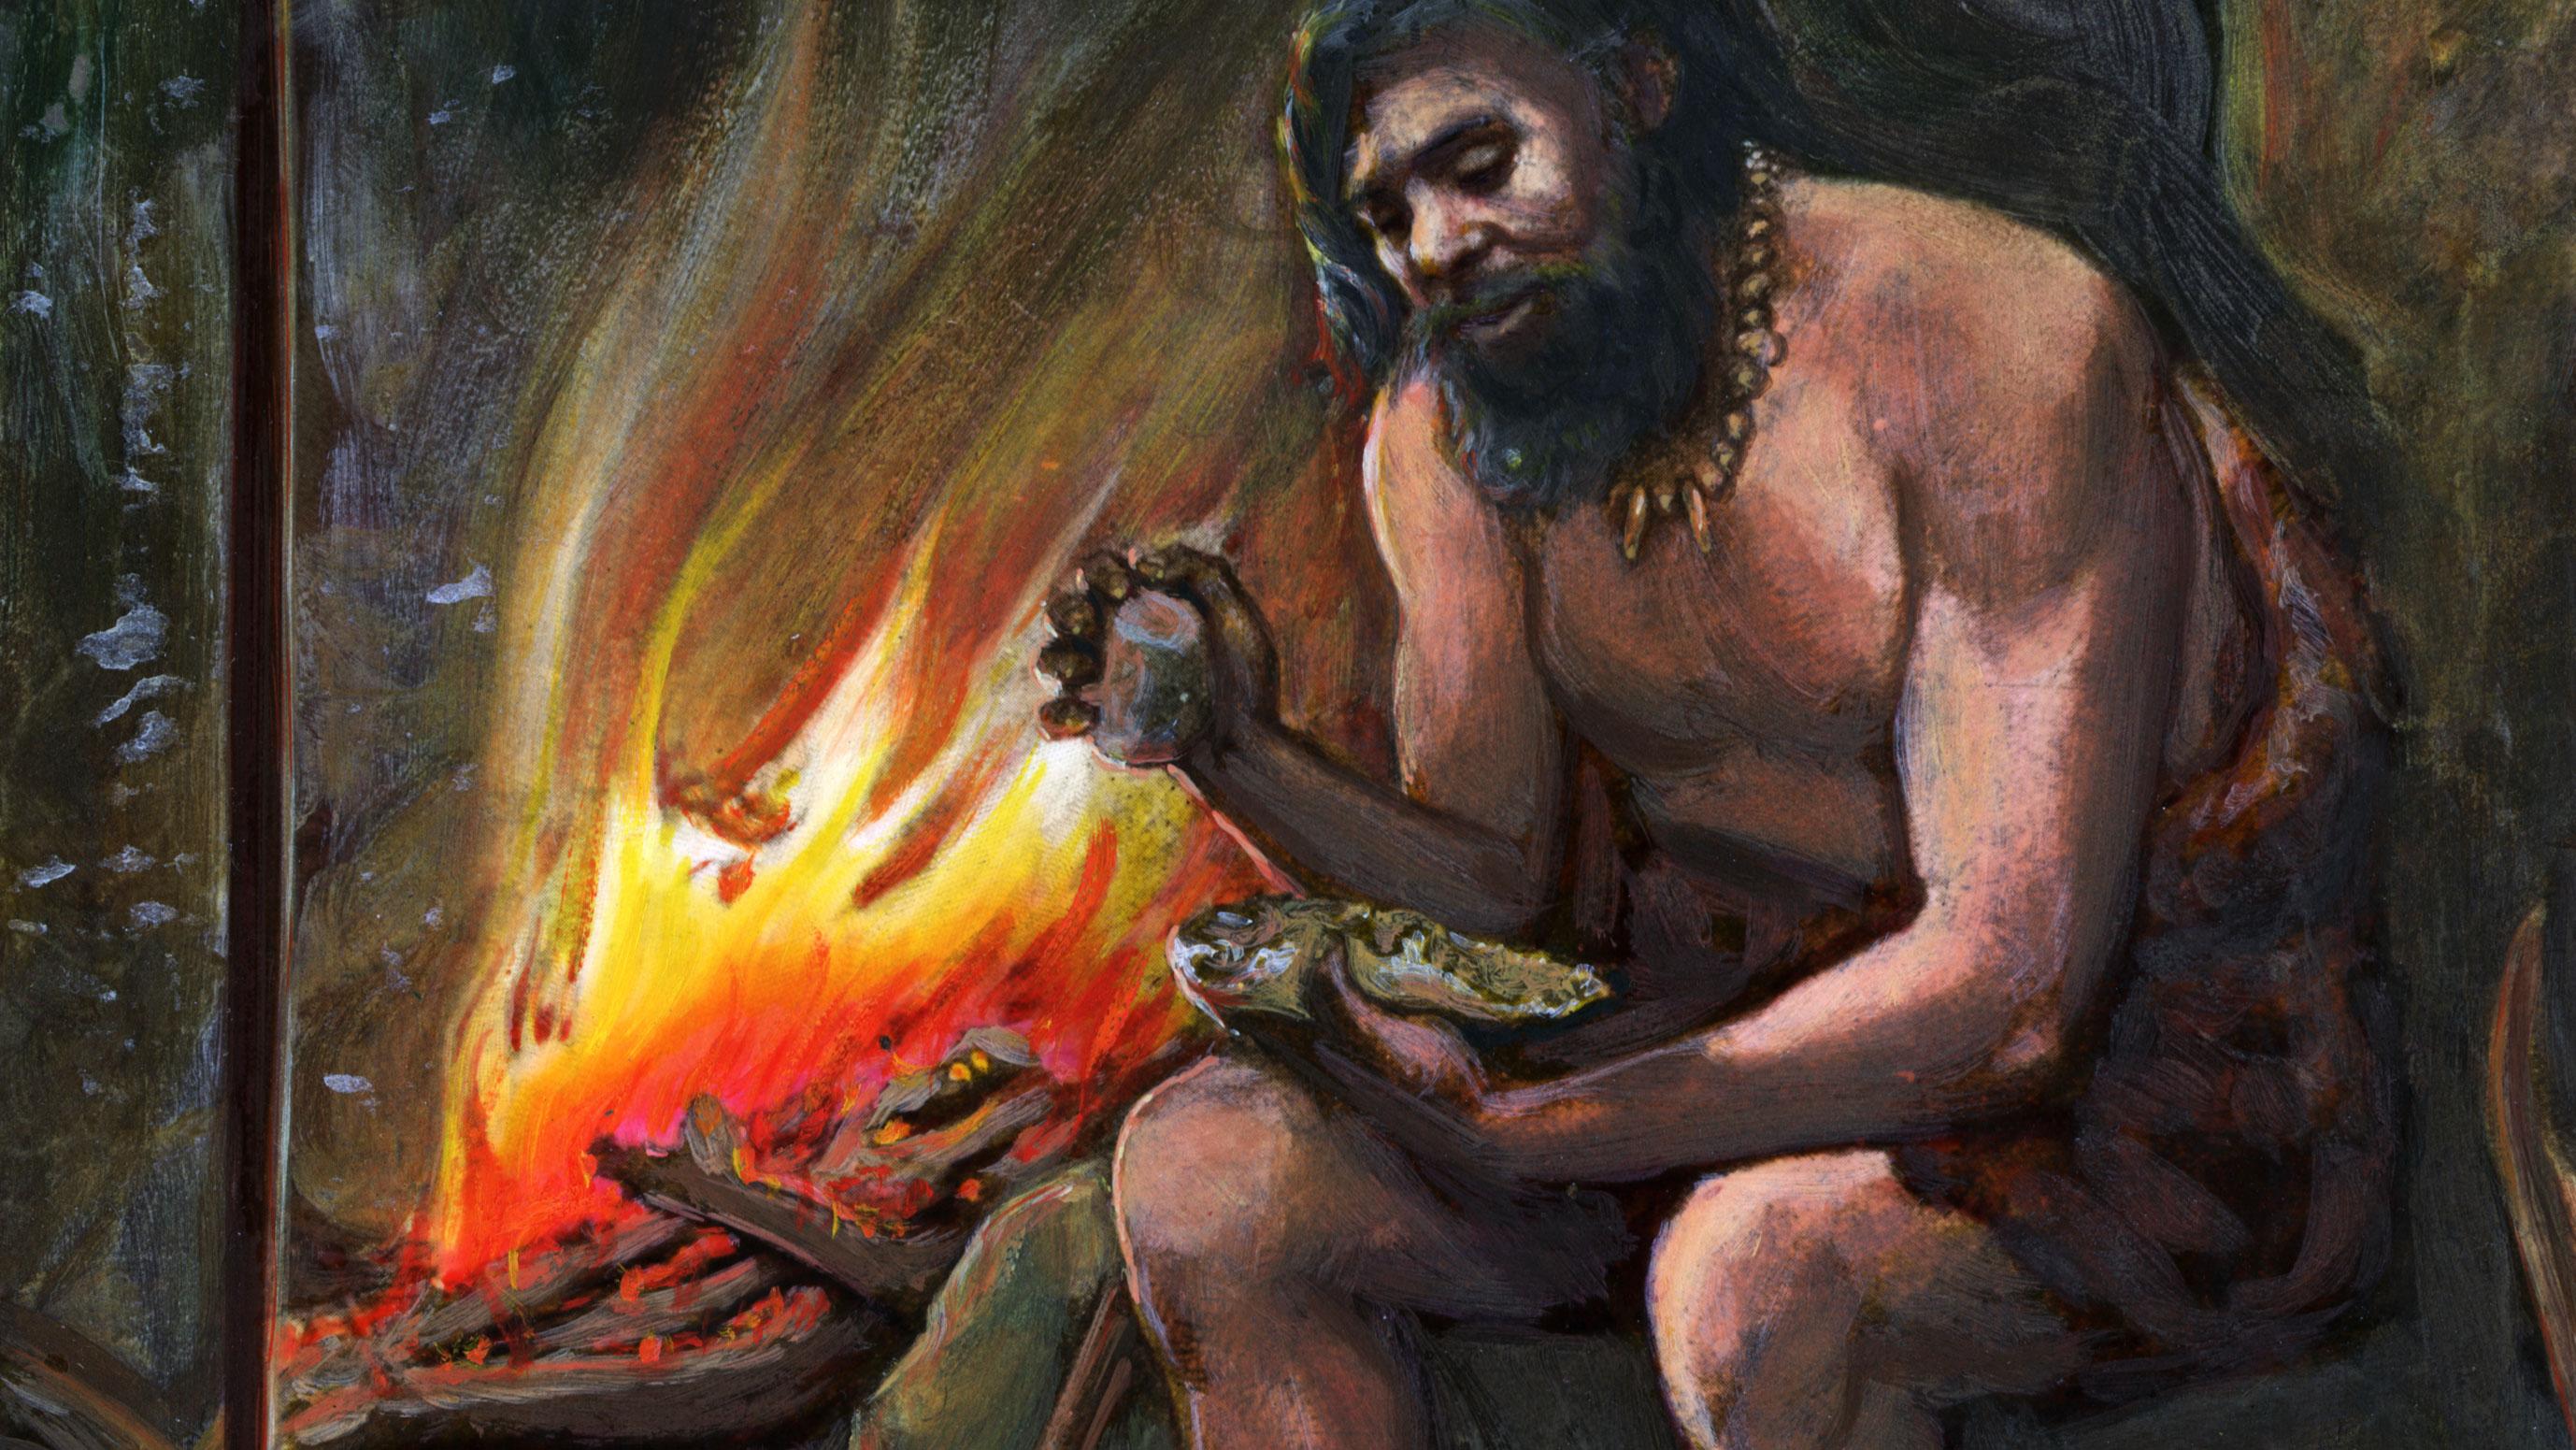 Картинки древнего человека огонь и вода